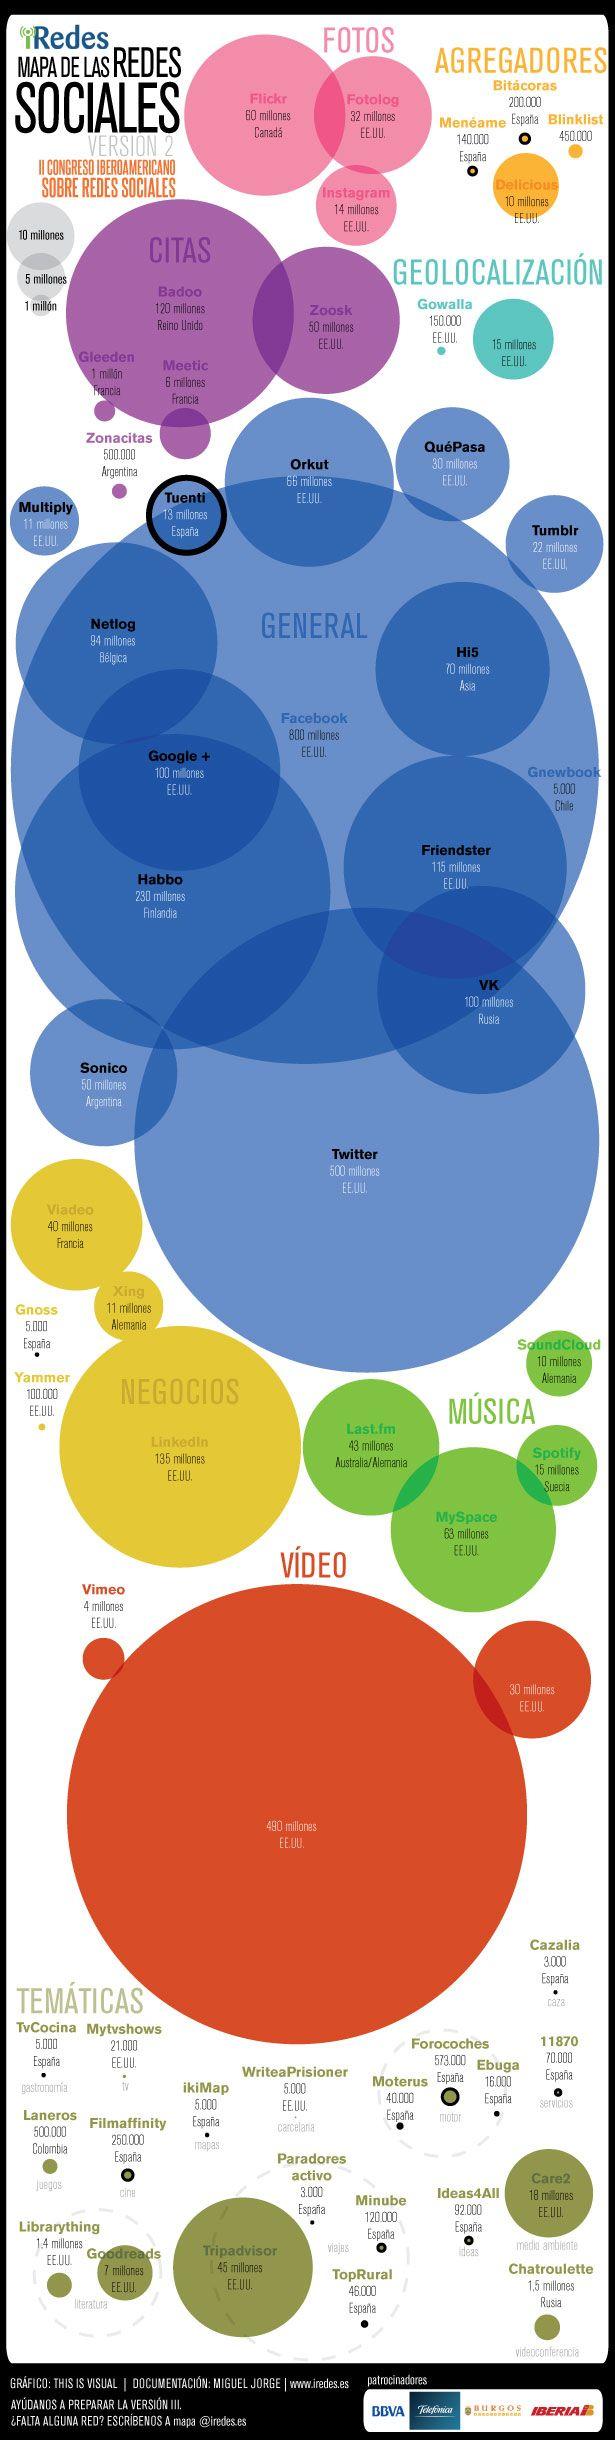 Mapa Redes Sociales. ¿Cuantas de ellas aprovechan eficientemente las tecnologias moviles?